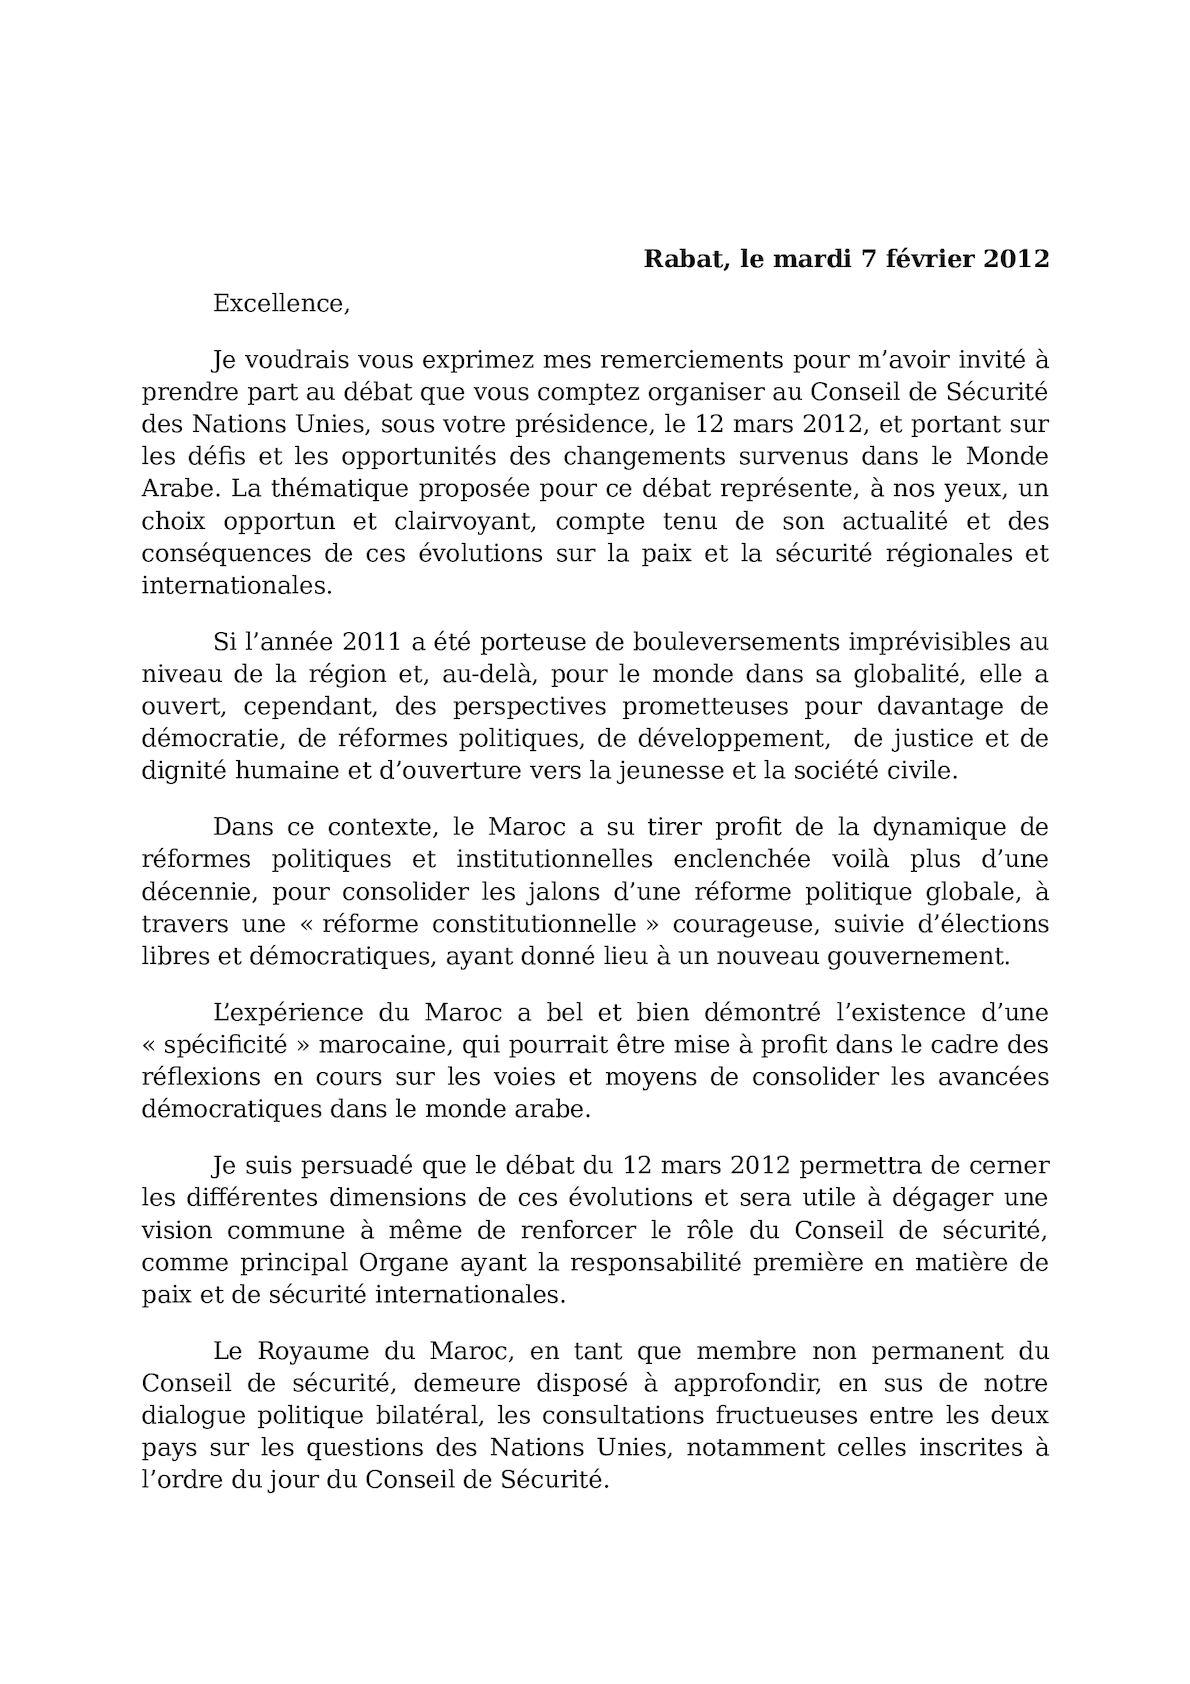 Reponse De M. Le Min à La Lettre D'invitation De W. Hague